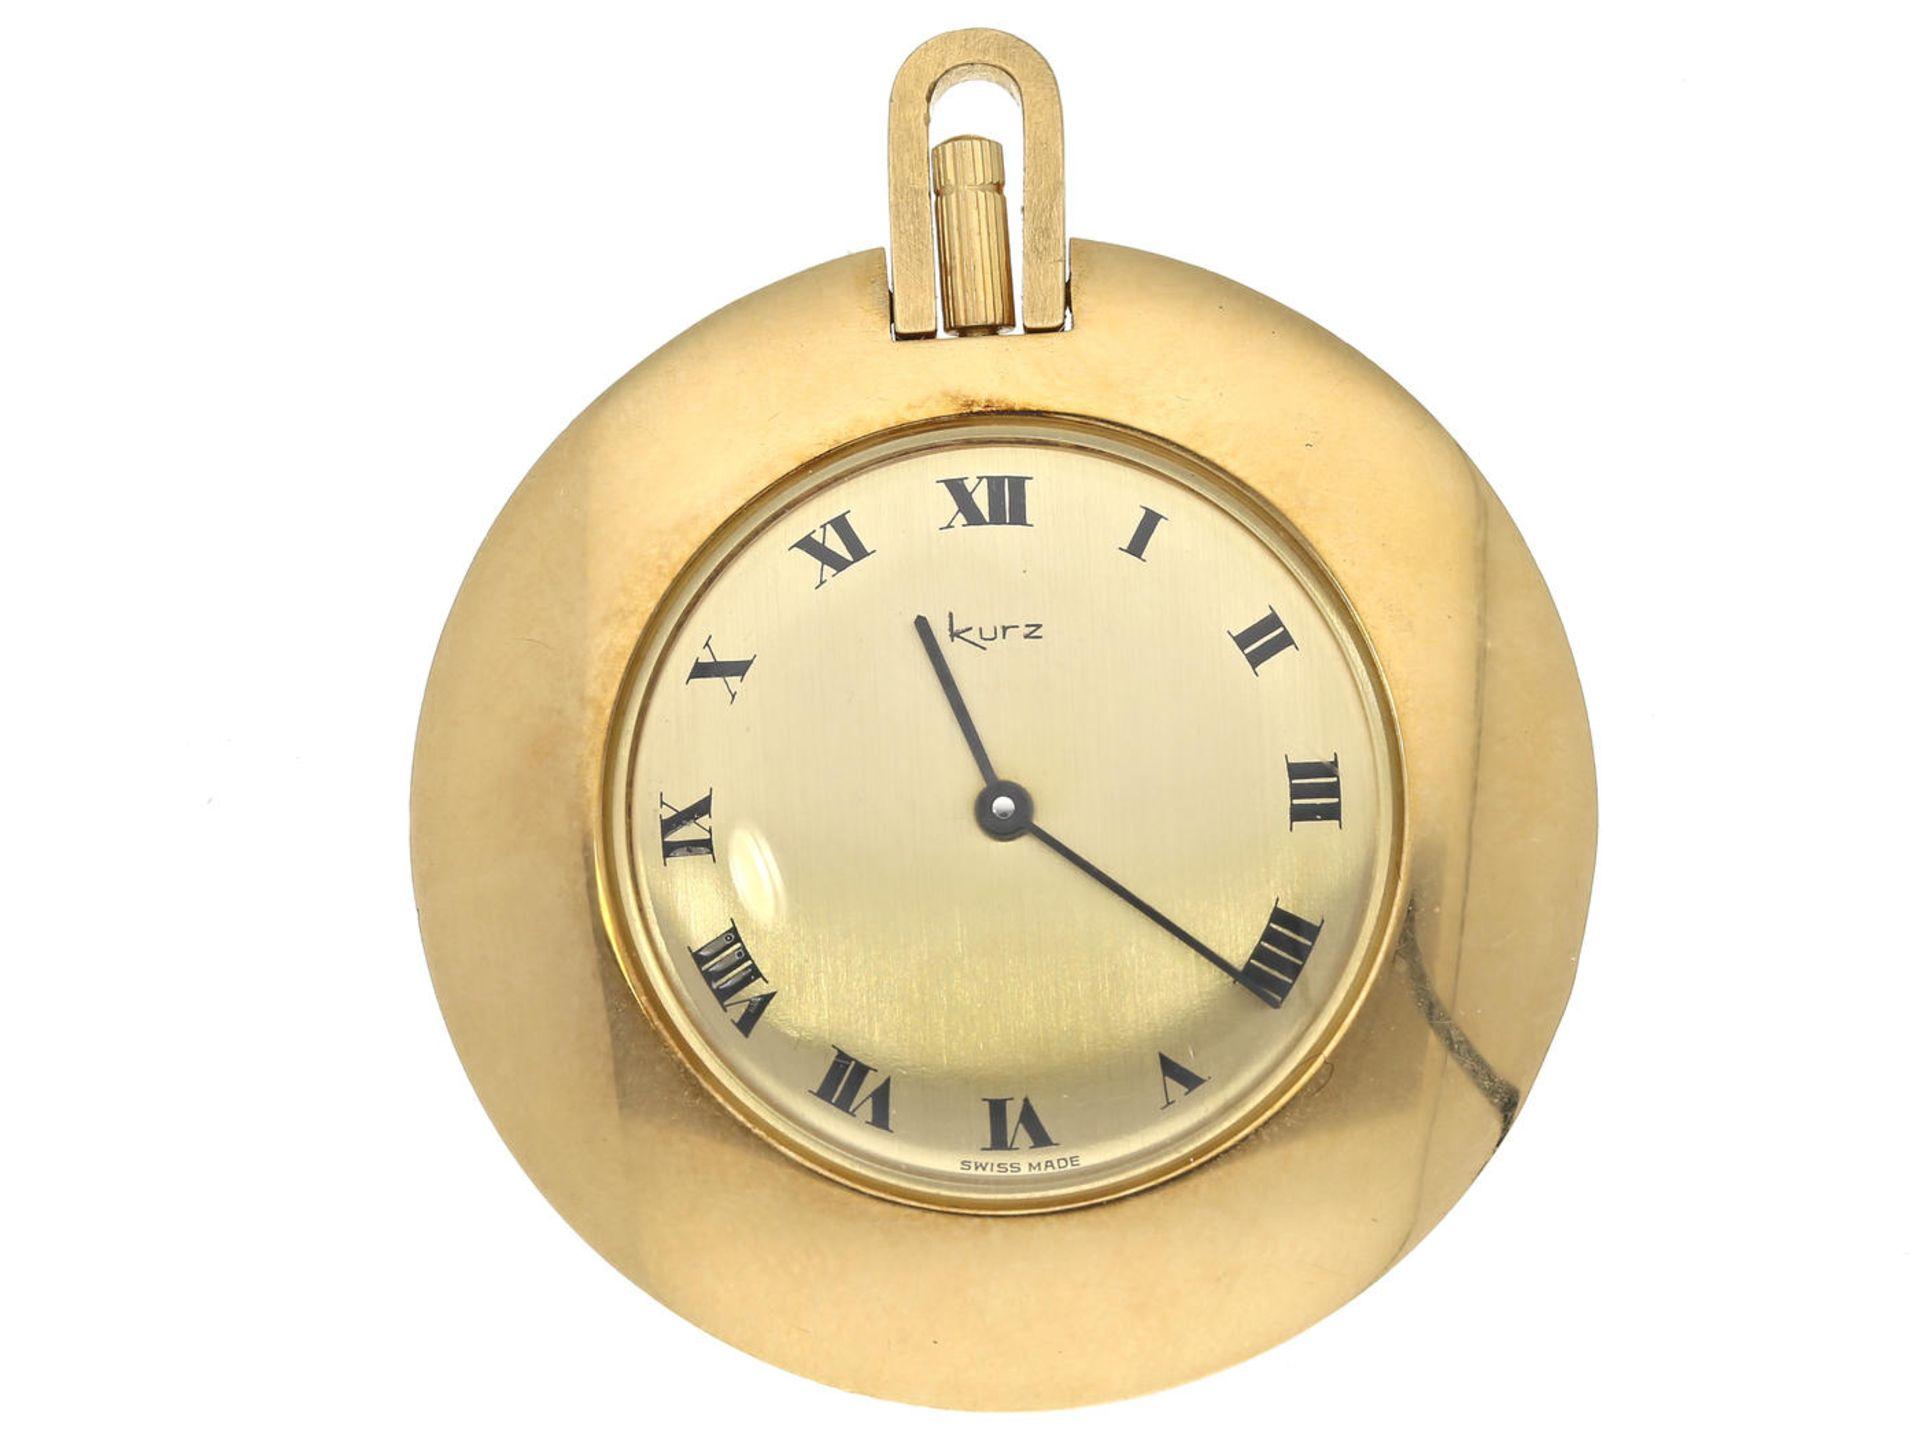 Los 6001 - Taschenuhr/Anhängeuhr: seltene, vintage Anhängeuhr von Chopard, Sondermodell für Juwelier Kurz, ca.